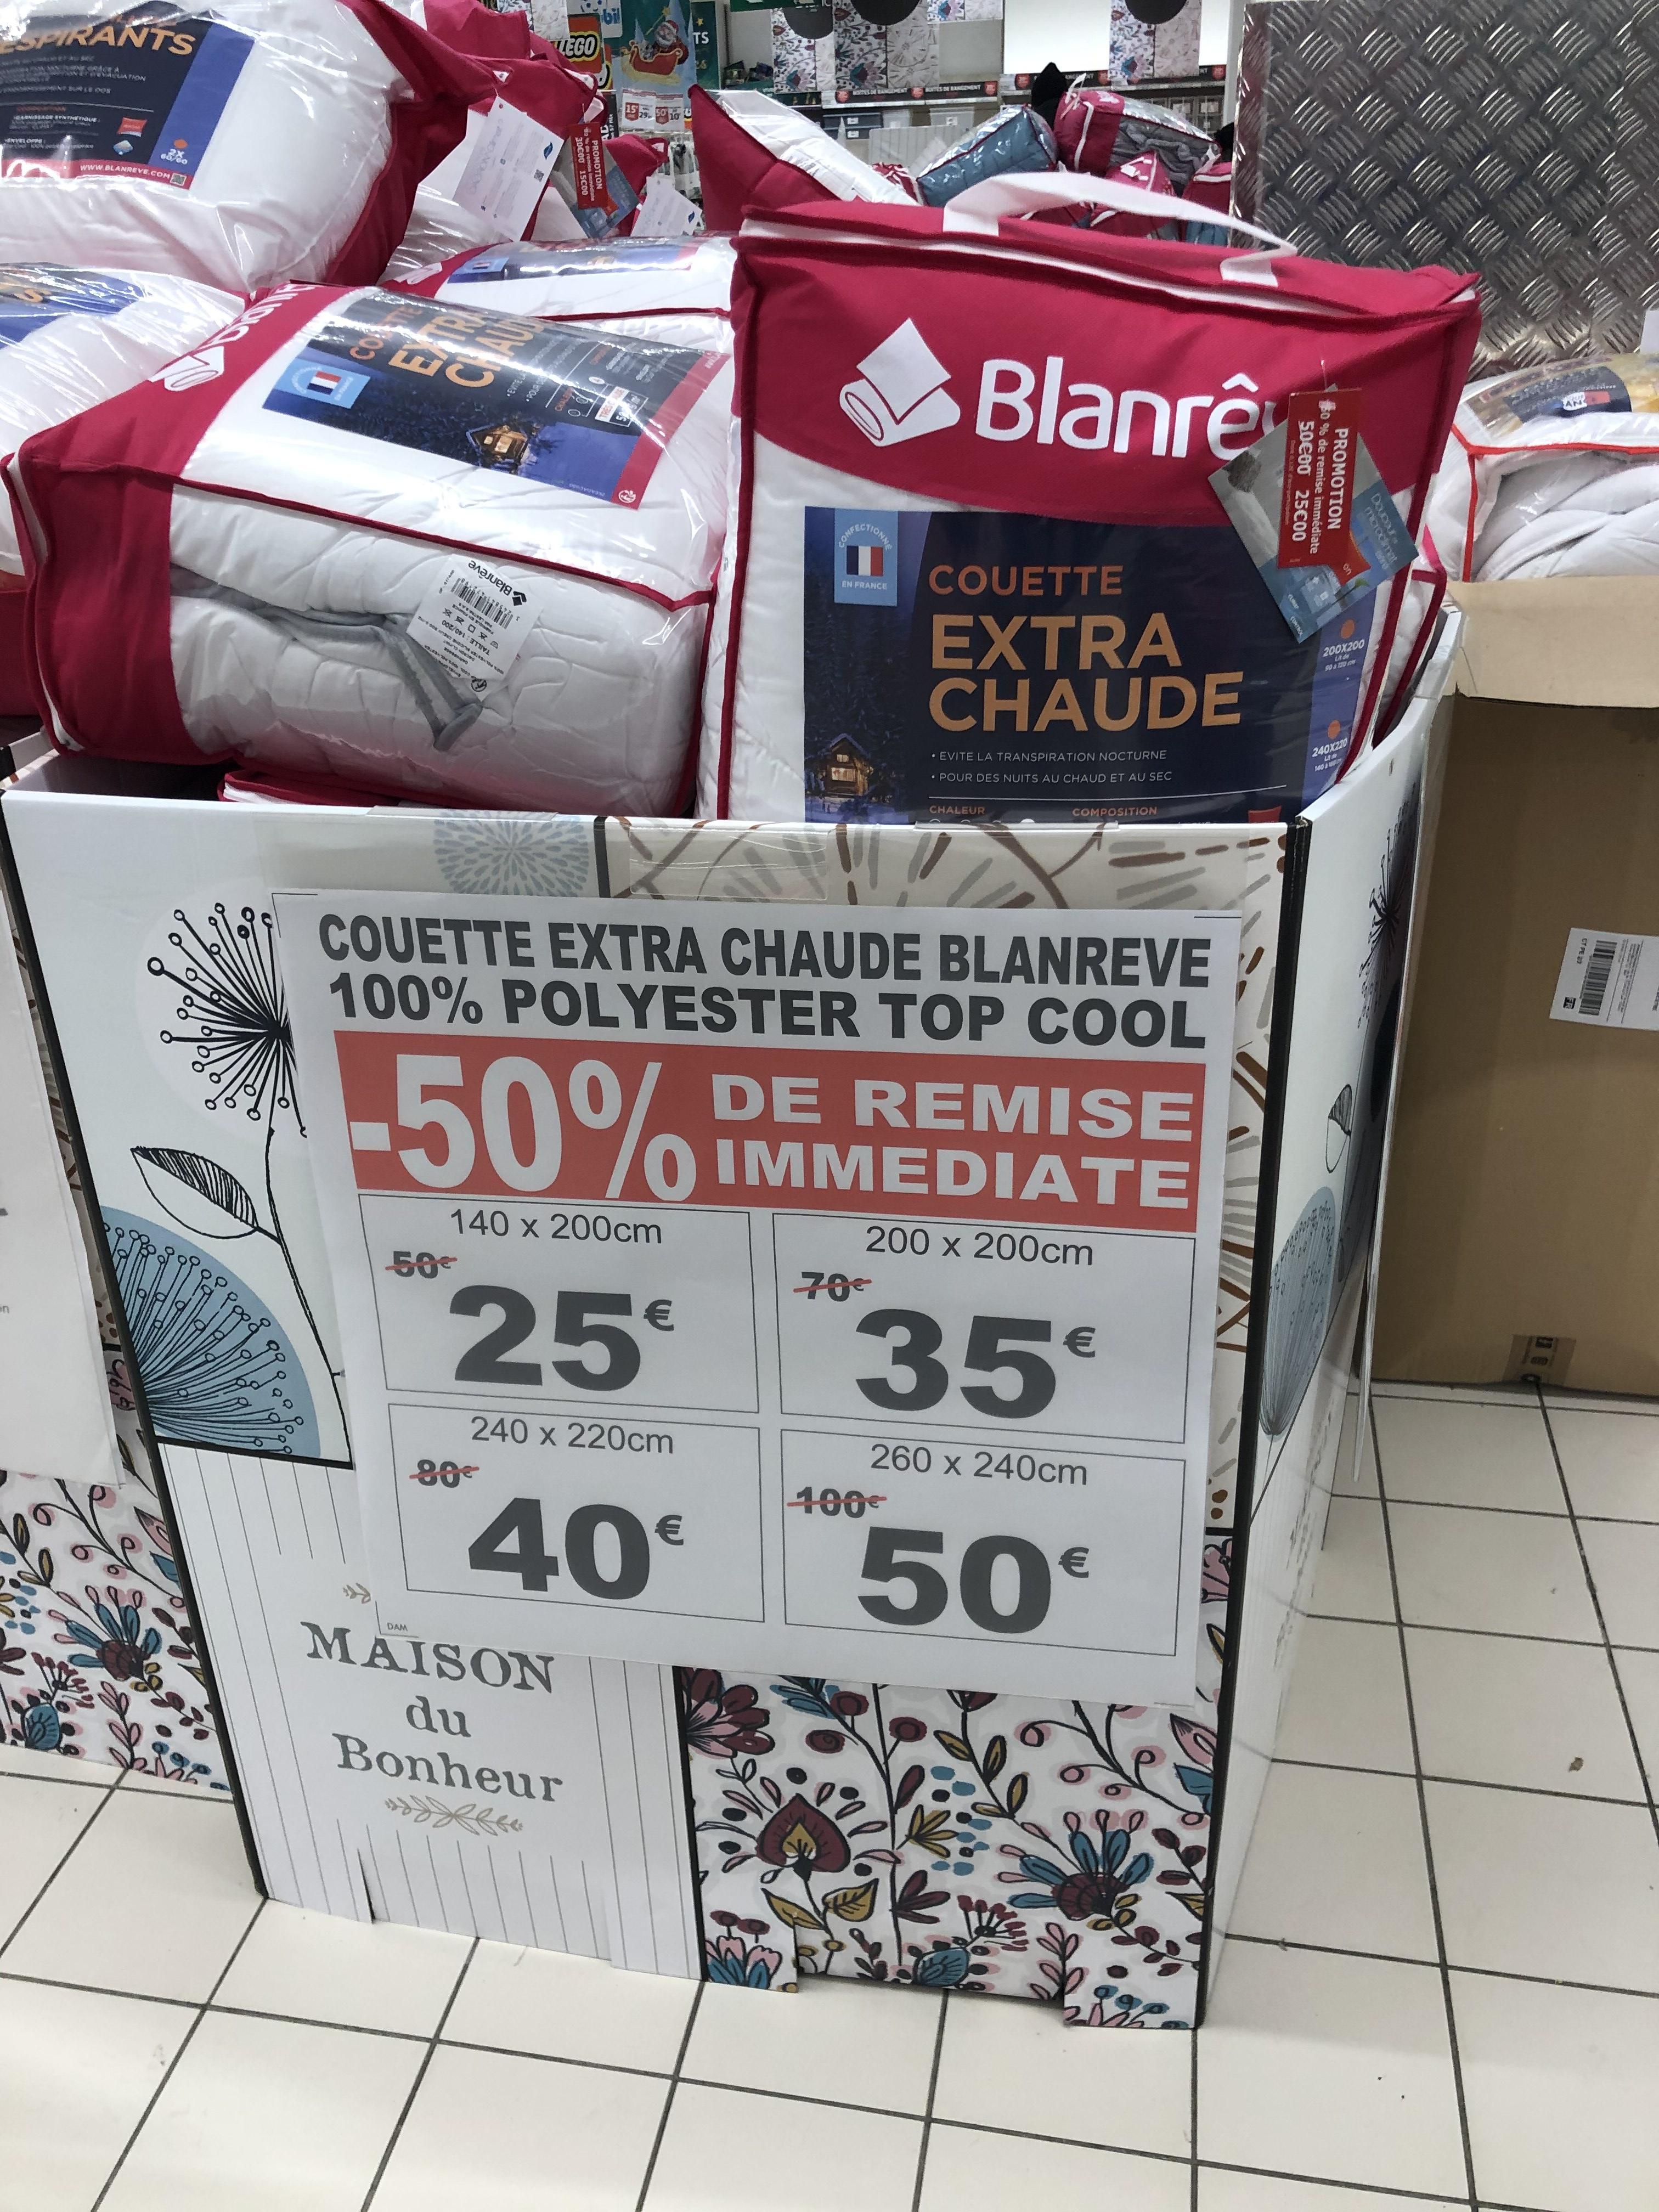 Sélection de Couettes extra chaude Blanrêve en promotion - Ex : 140 x 200 cm